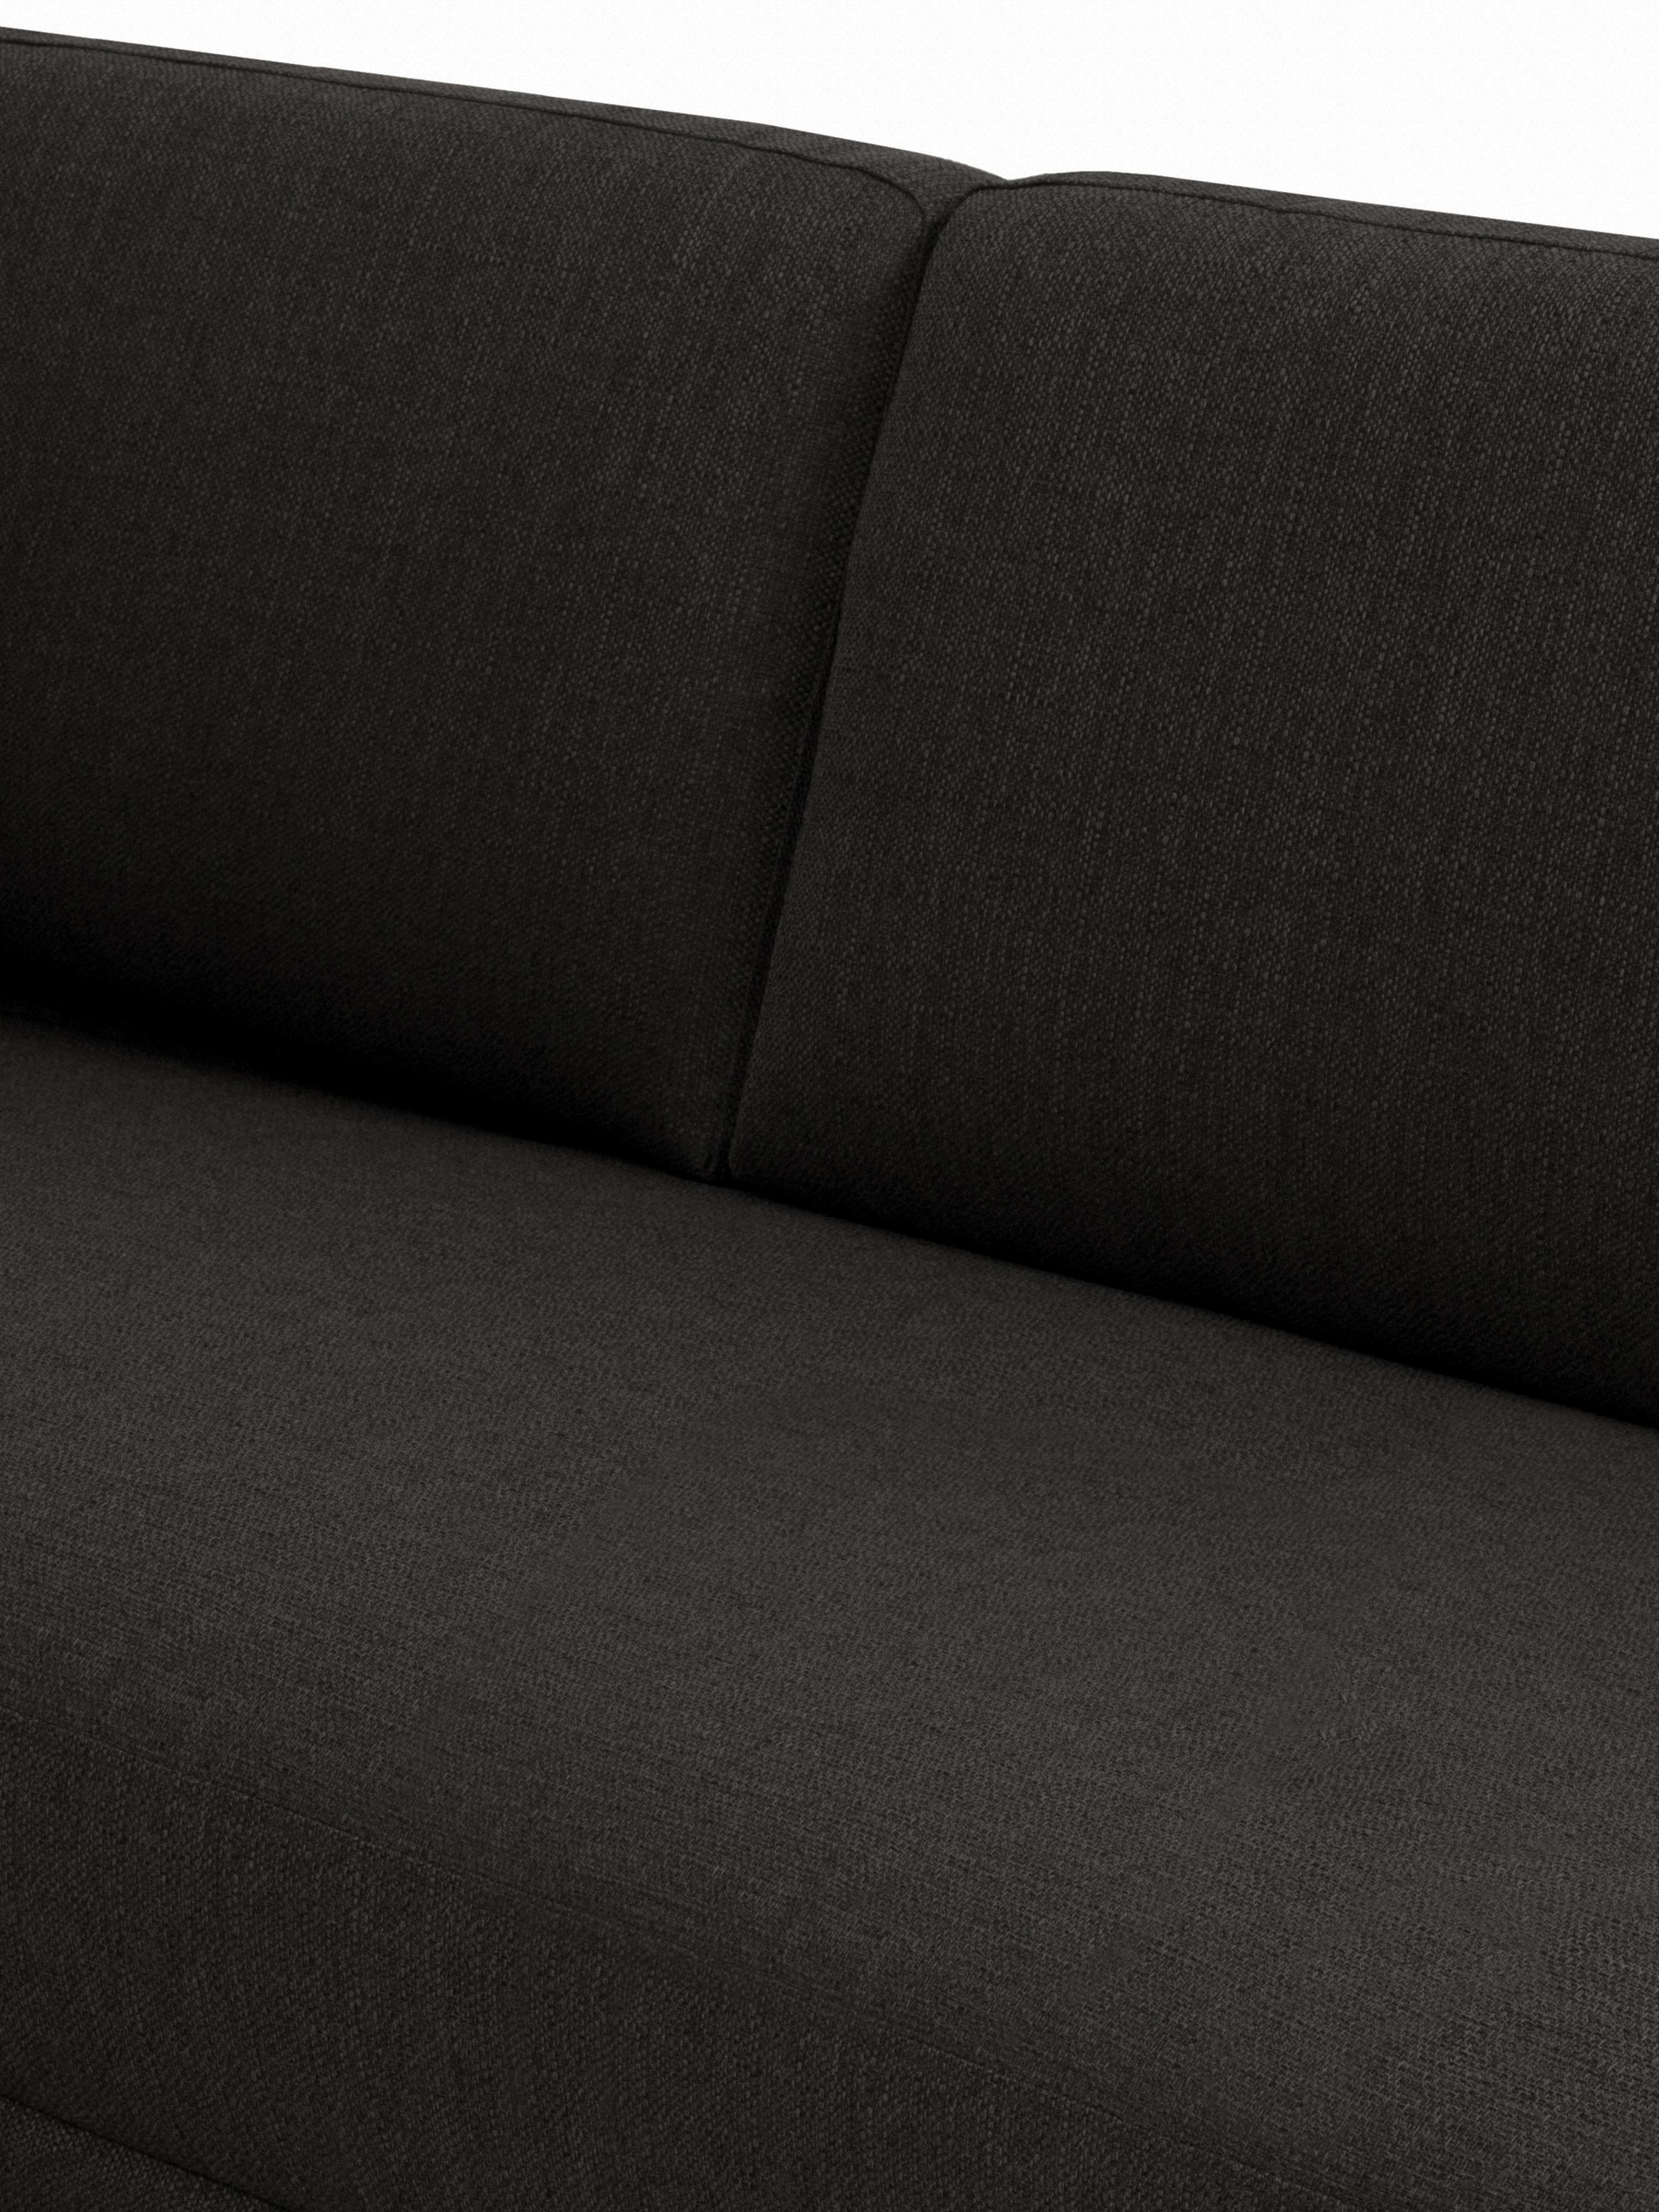 Ottomane Fluente, Bezug: 100% Polyester Der hochwe, Gestell: Massives Kiefernholz, Füße: Metall, pulverbeschichtet, Webstoff Dunkelgrau, B 202 x T 85 cm